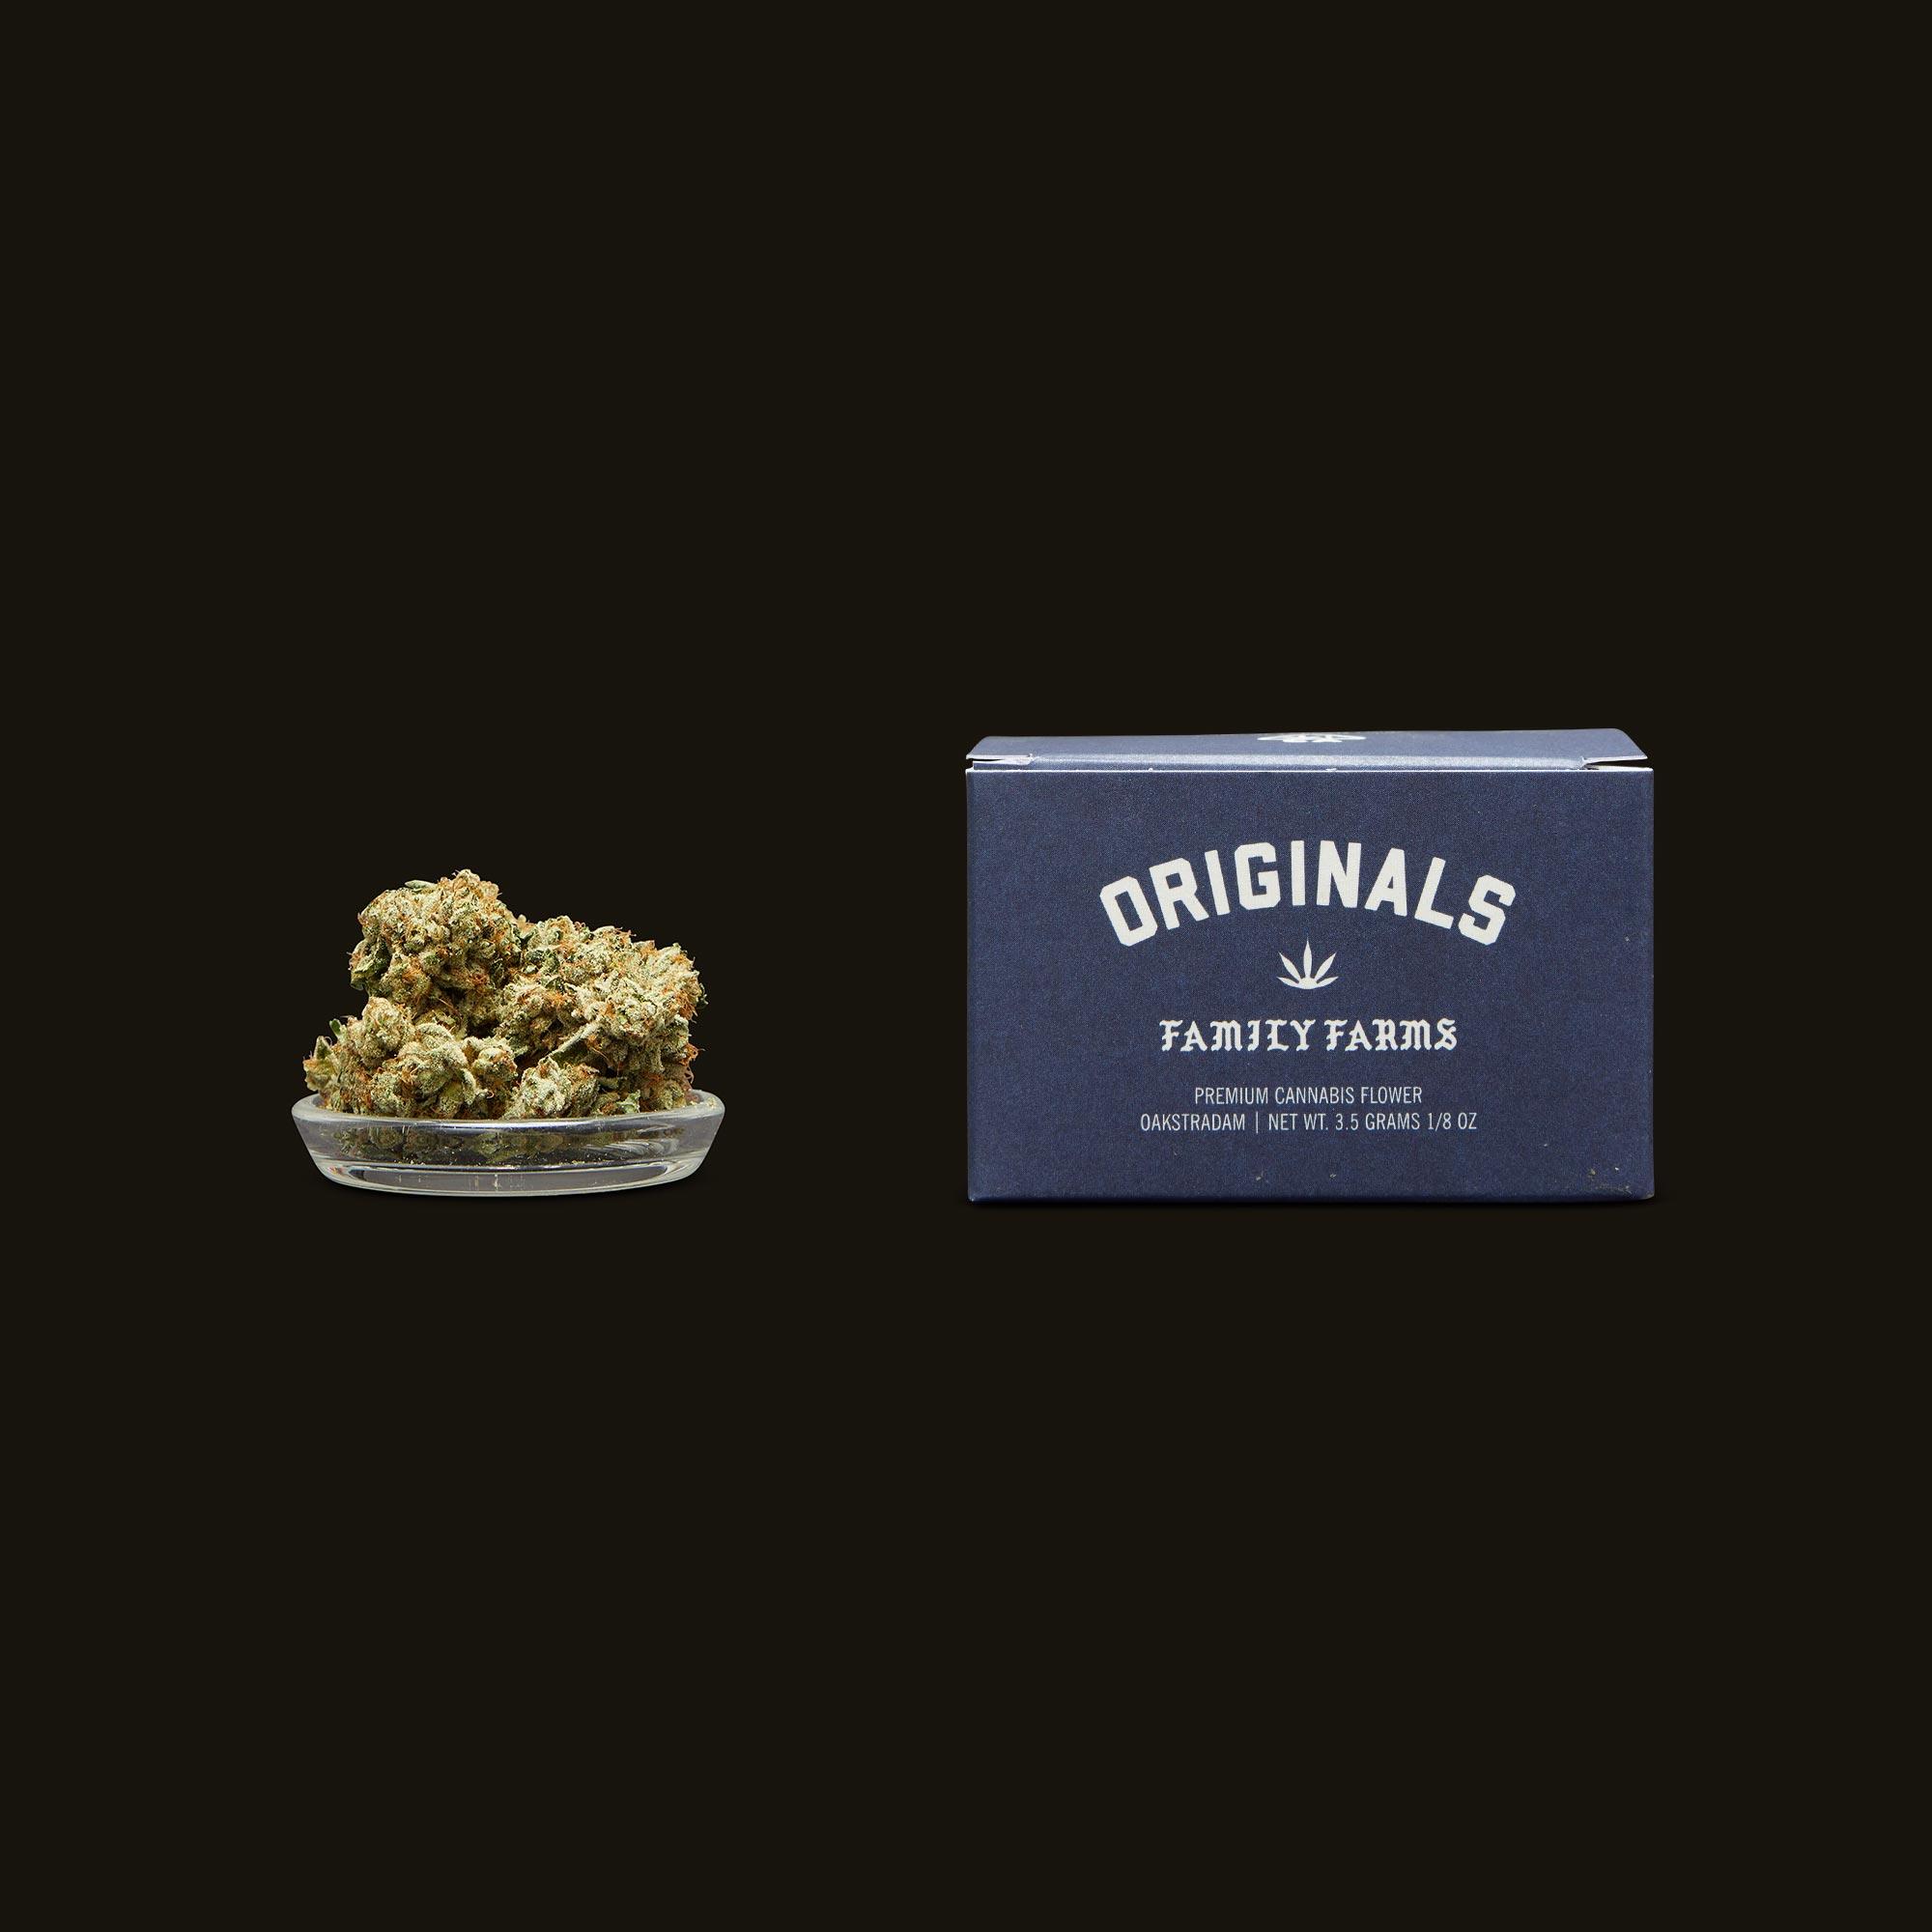 Originals Oakstradam OG